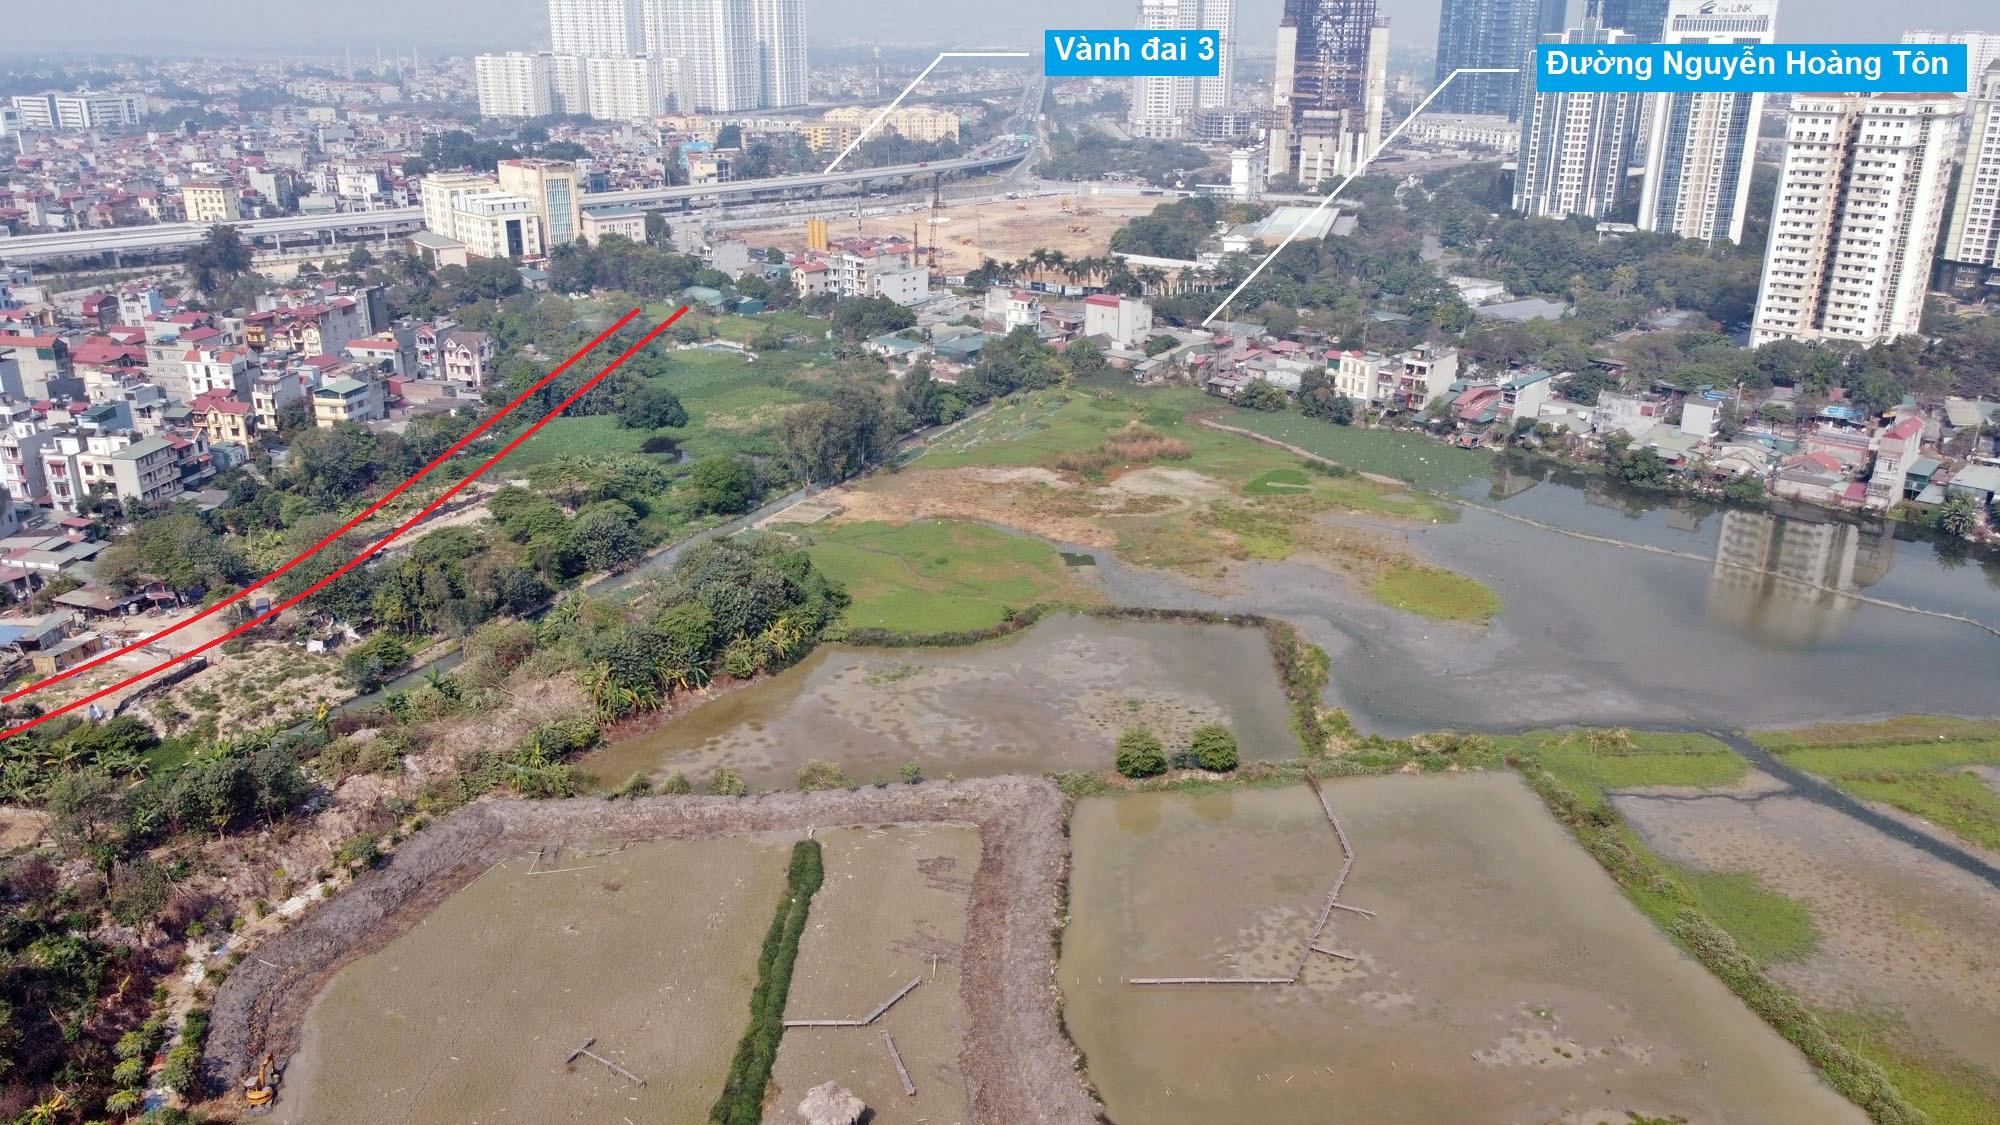 Ba đường sẽ mở theo qui hoạch ở phường Xuân Đỉnh, Bắc Từ Liêm, Hà Nội (phần 2) - Ảnh 9.